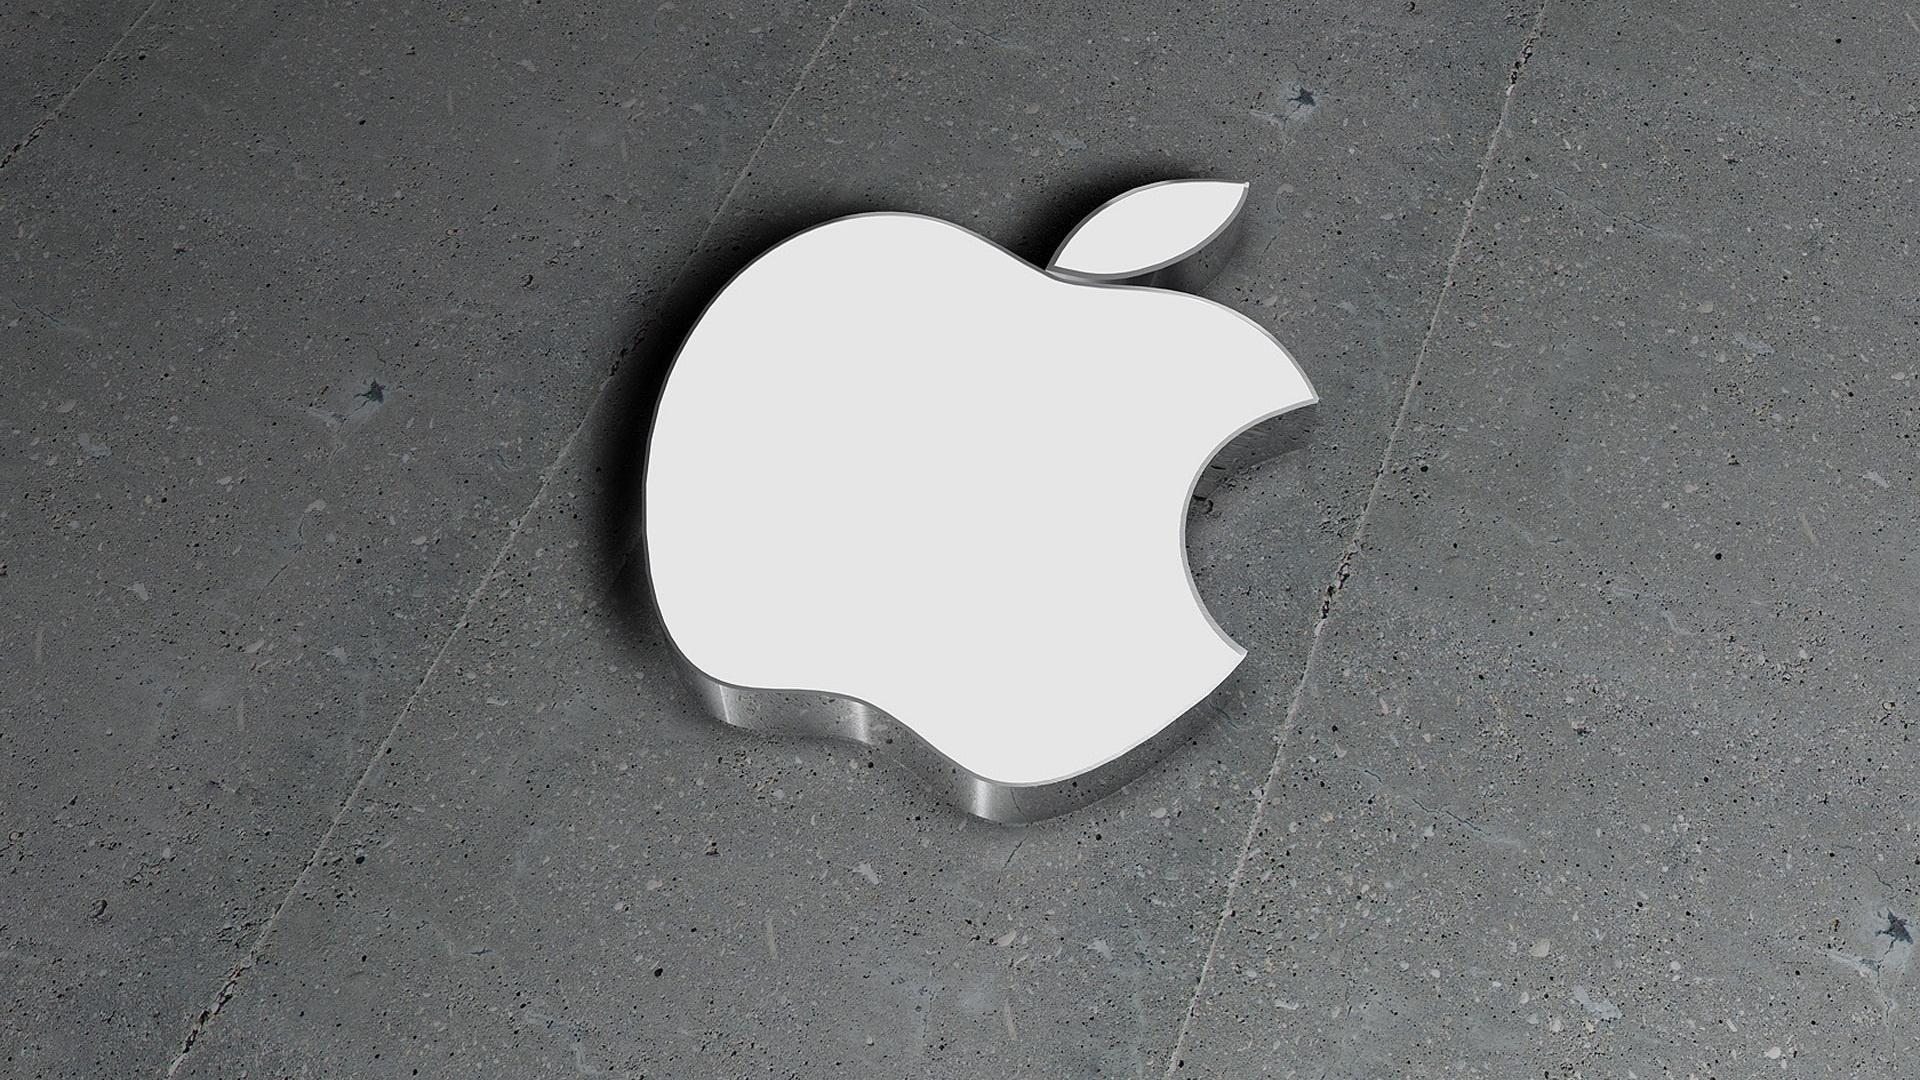 Apple presentaría el próximo miércoles, la tecnología 3D Touch Display 5